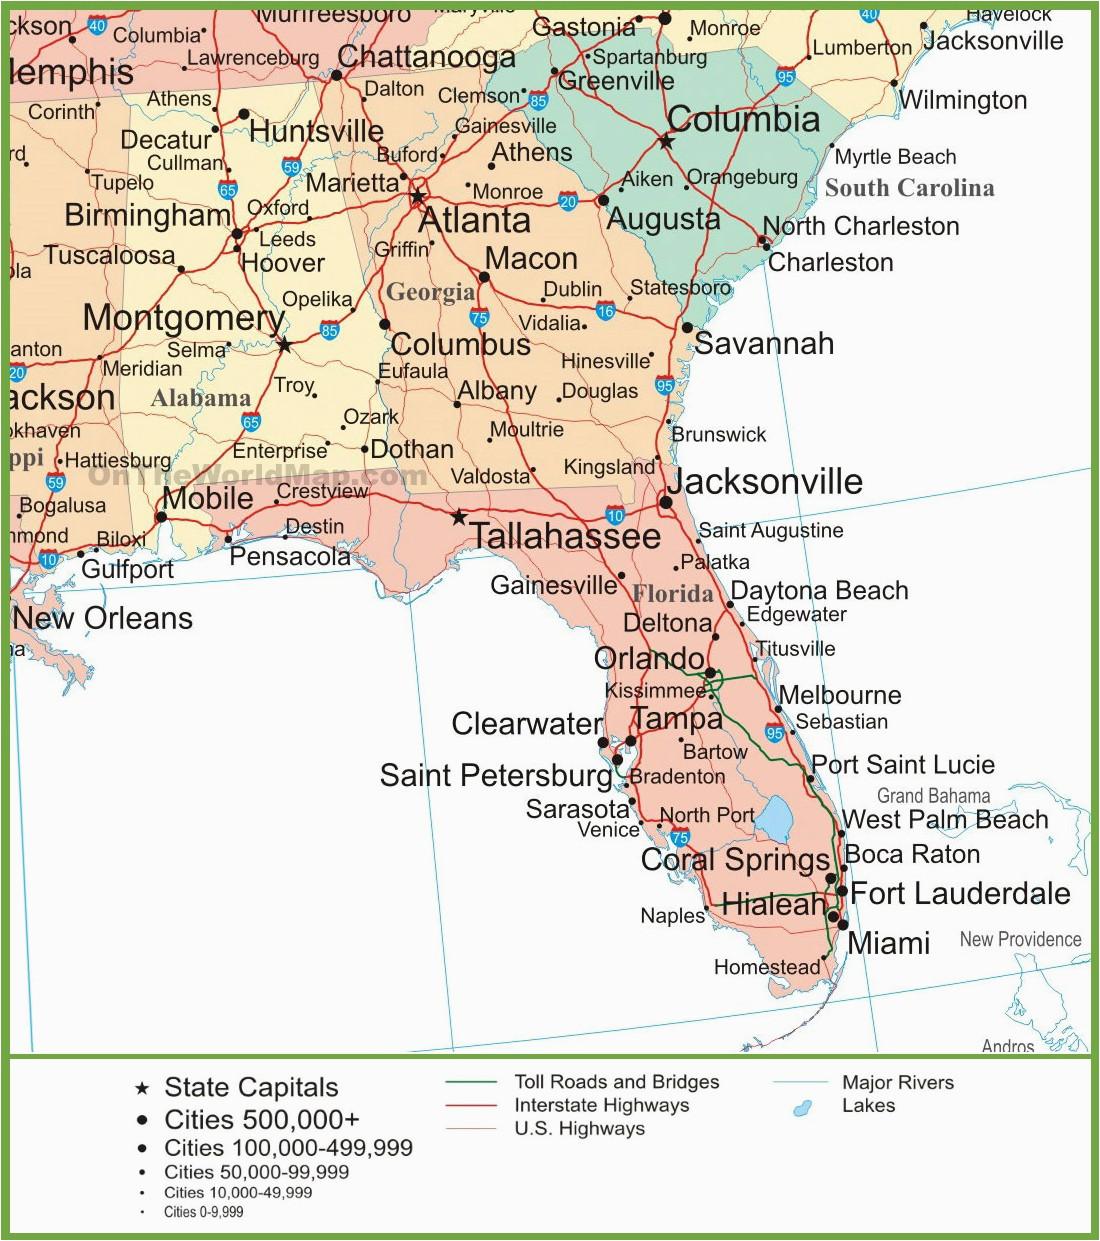 Road Map Of Alabama and Florida Map Of Alabama Georgia and Florida